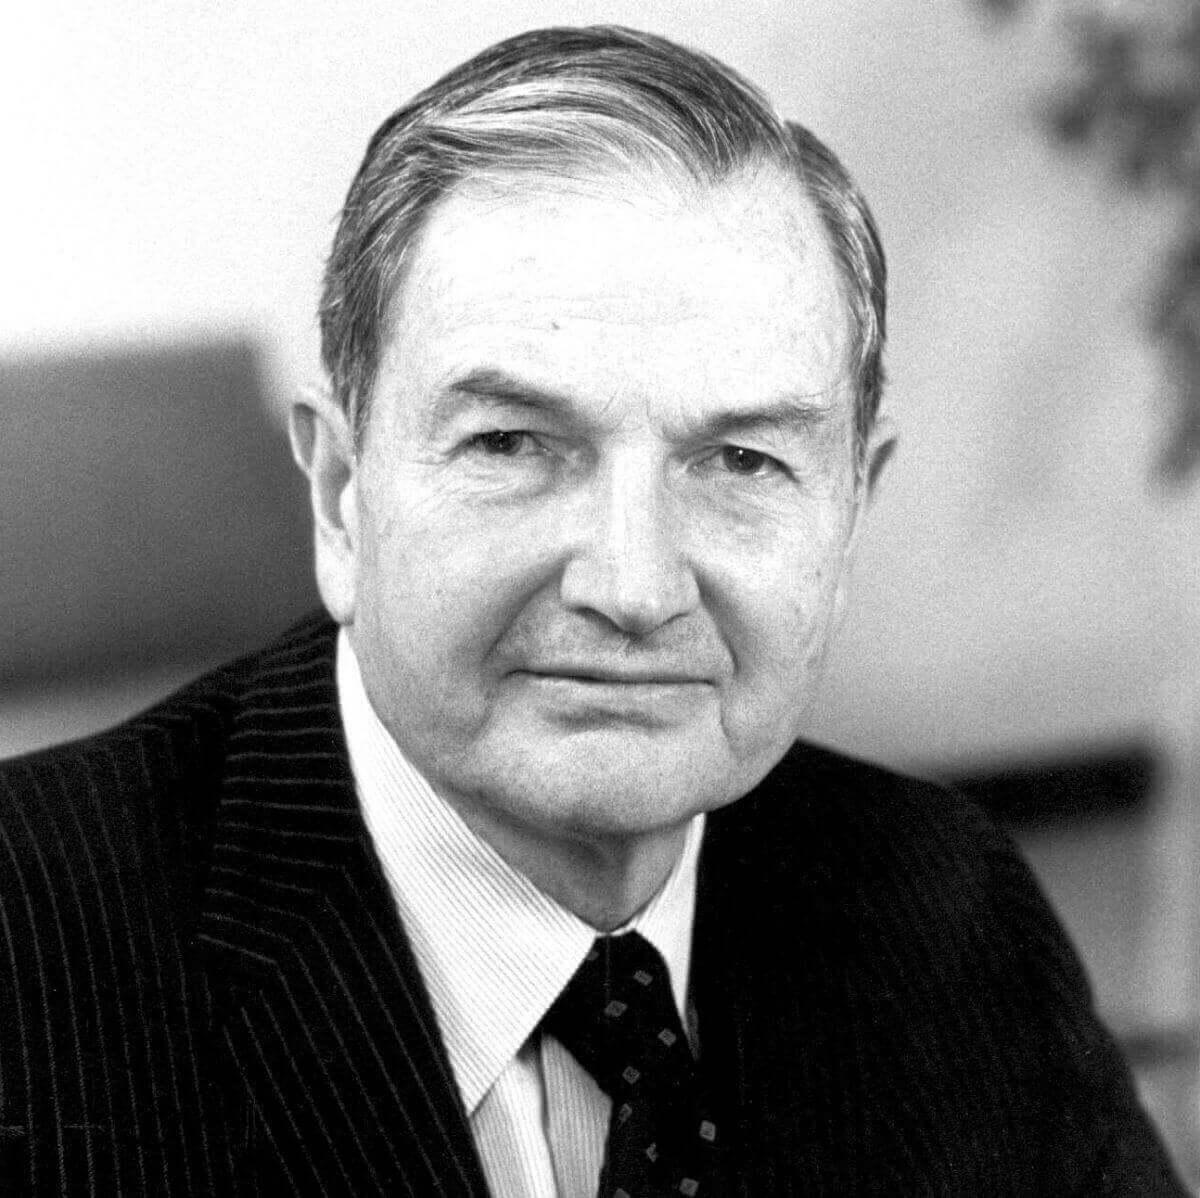 David-Rockefeller-Sr.-84060.jpg